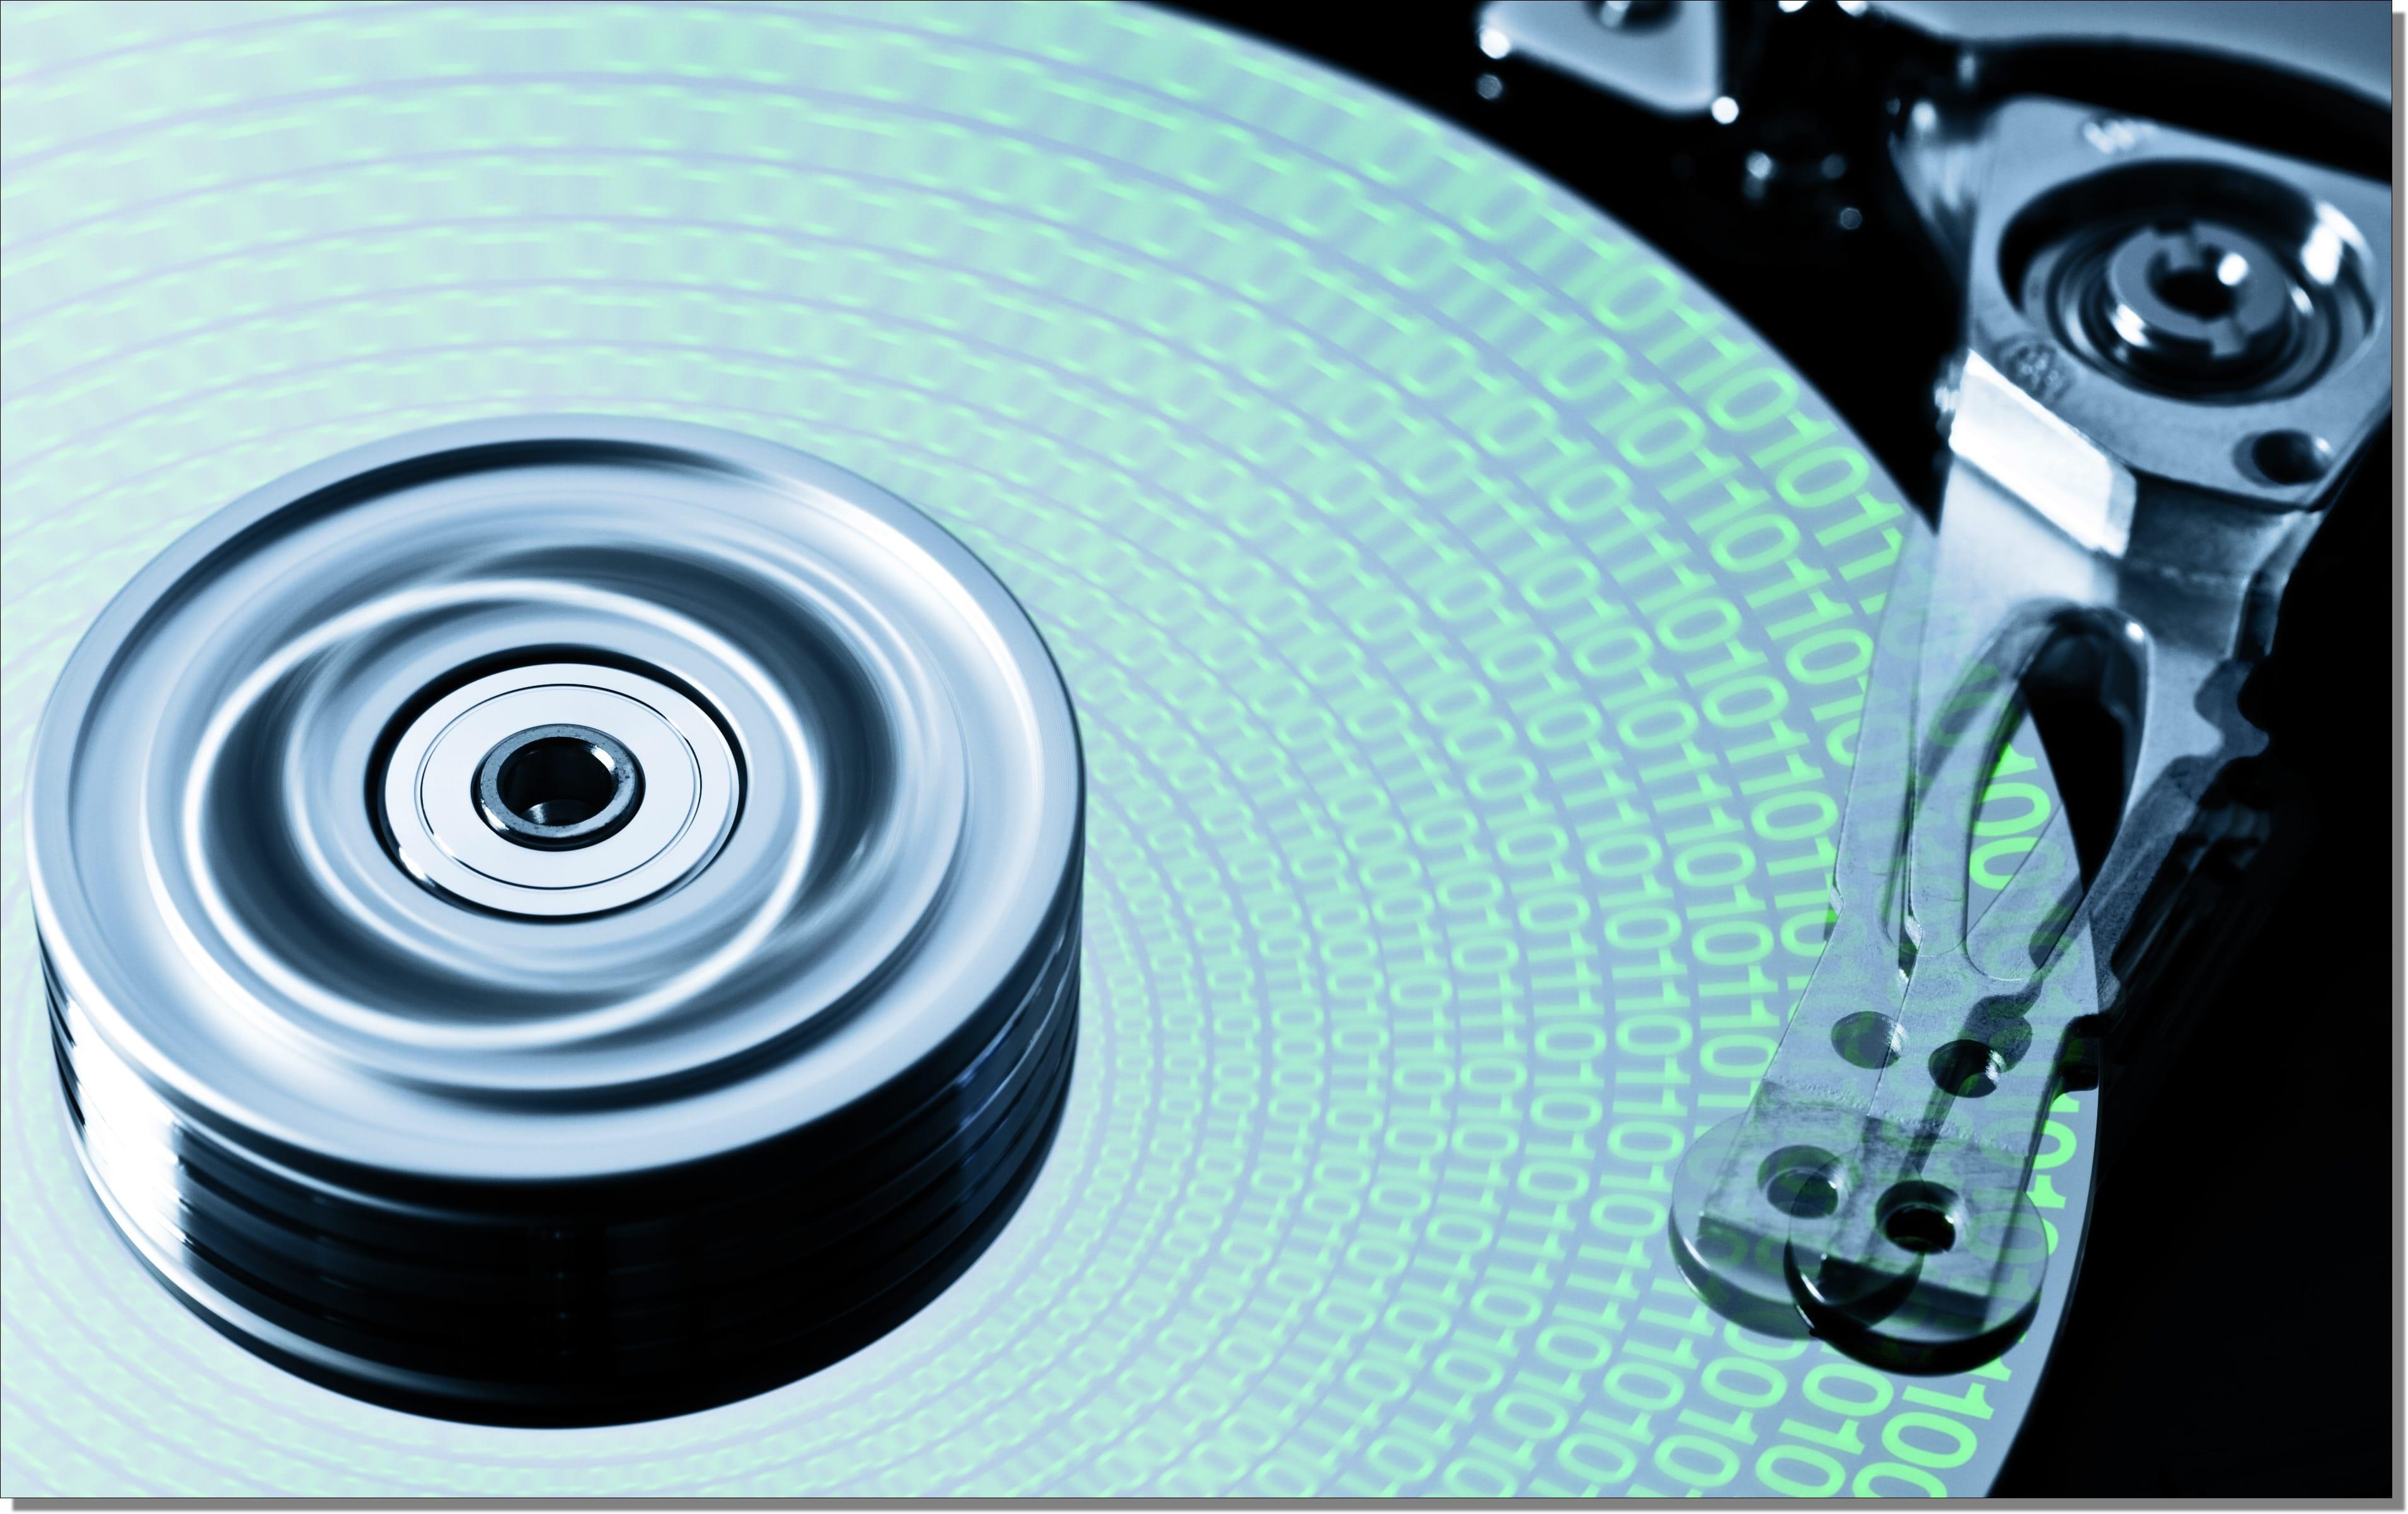 Should I Partition My Hard Disk? - Ask Leo!